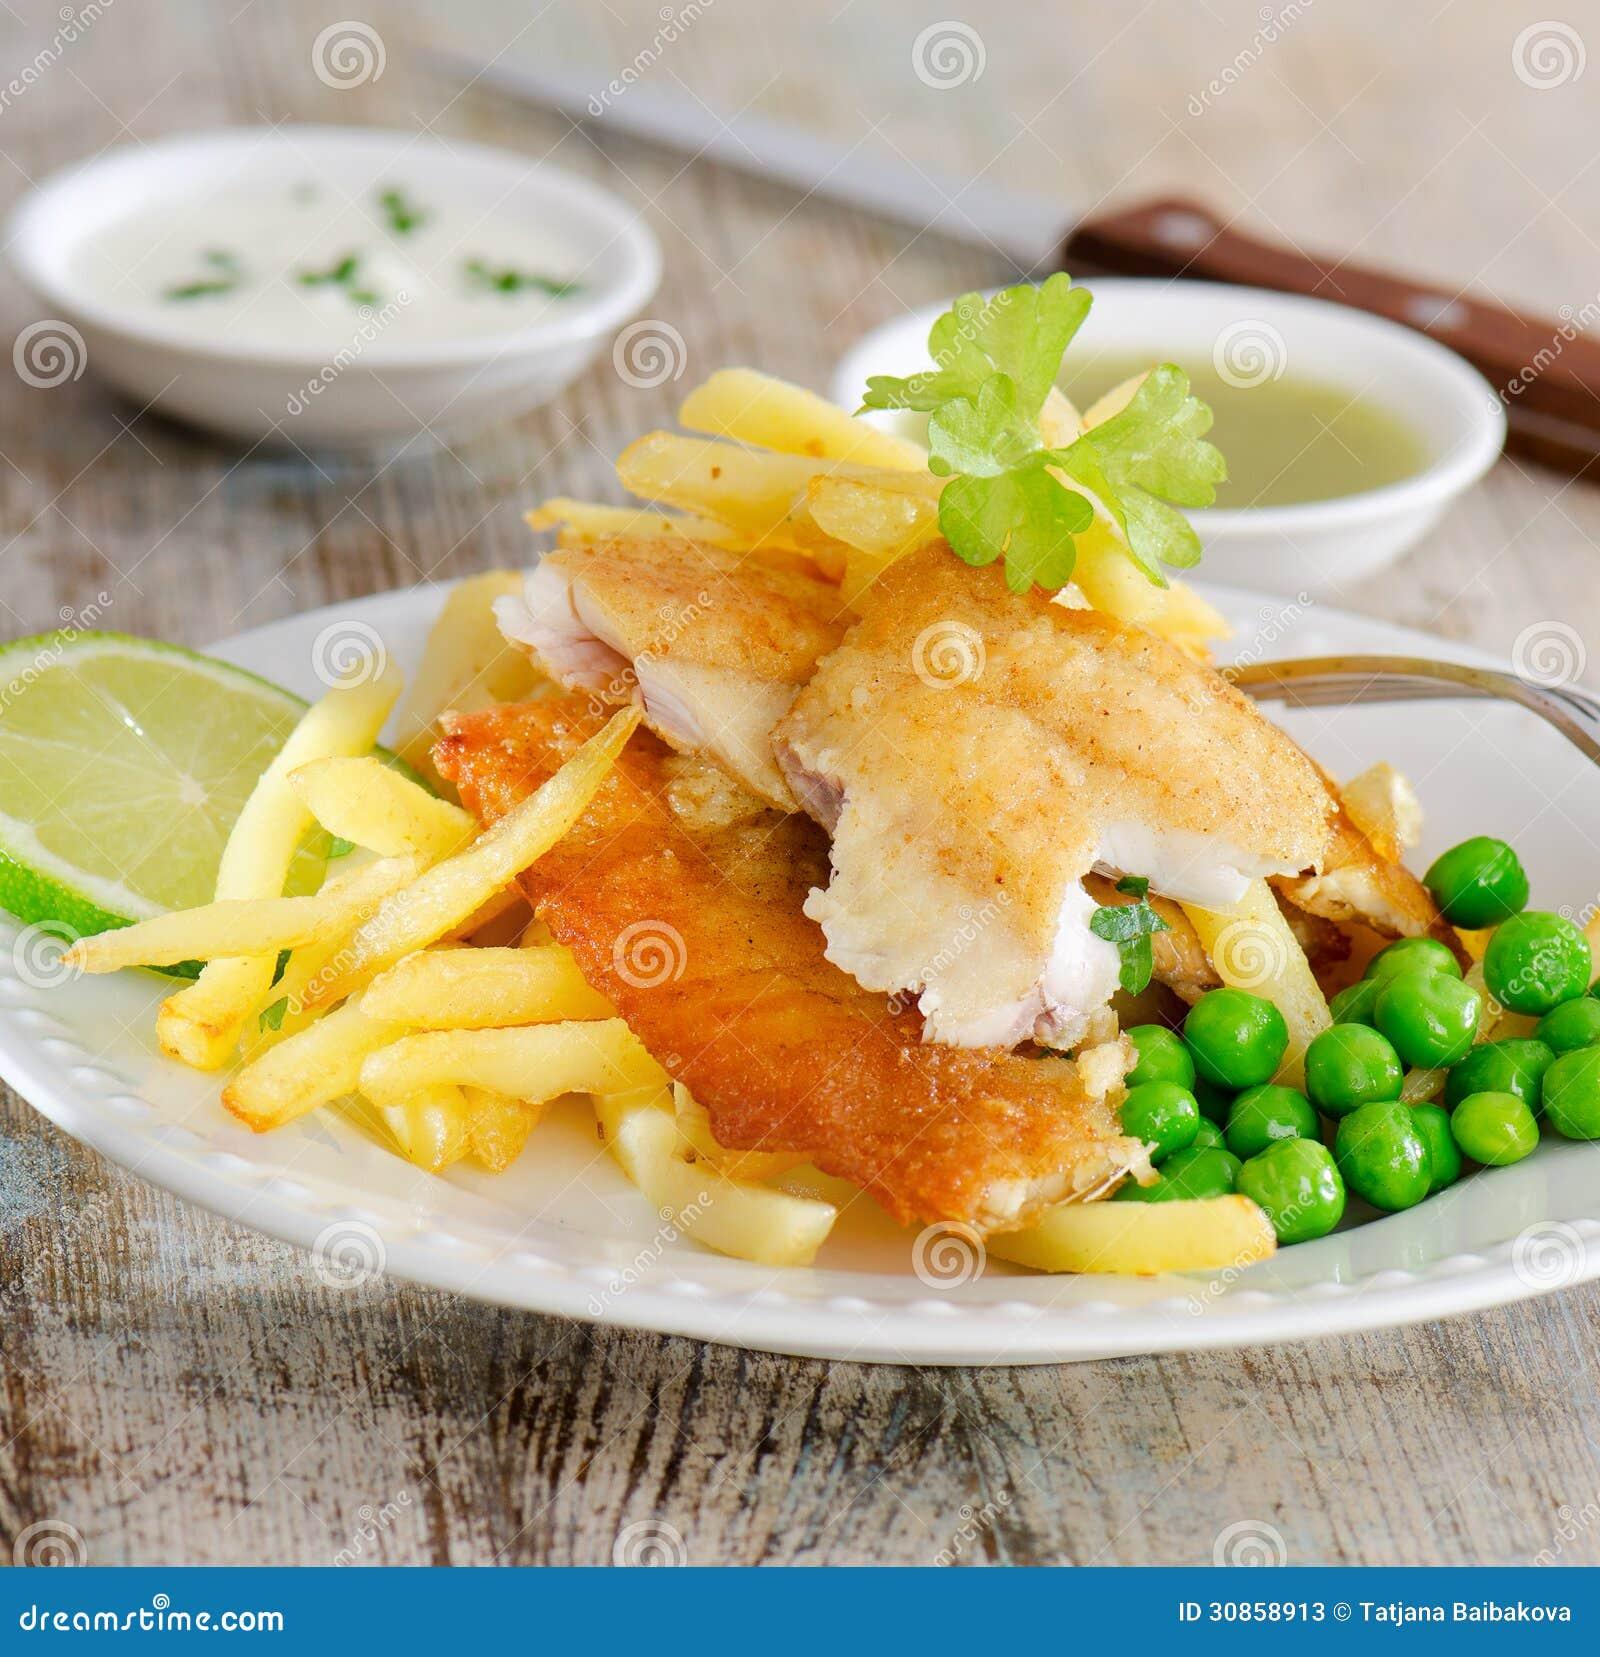 Nourriture britannique poisson frites image stock for Nourriture a poisson